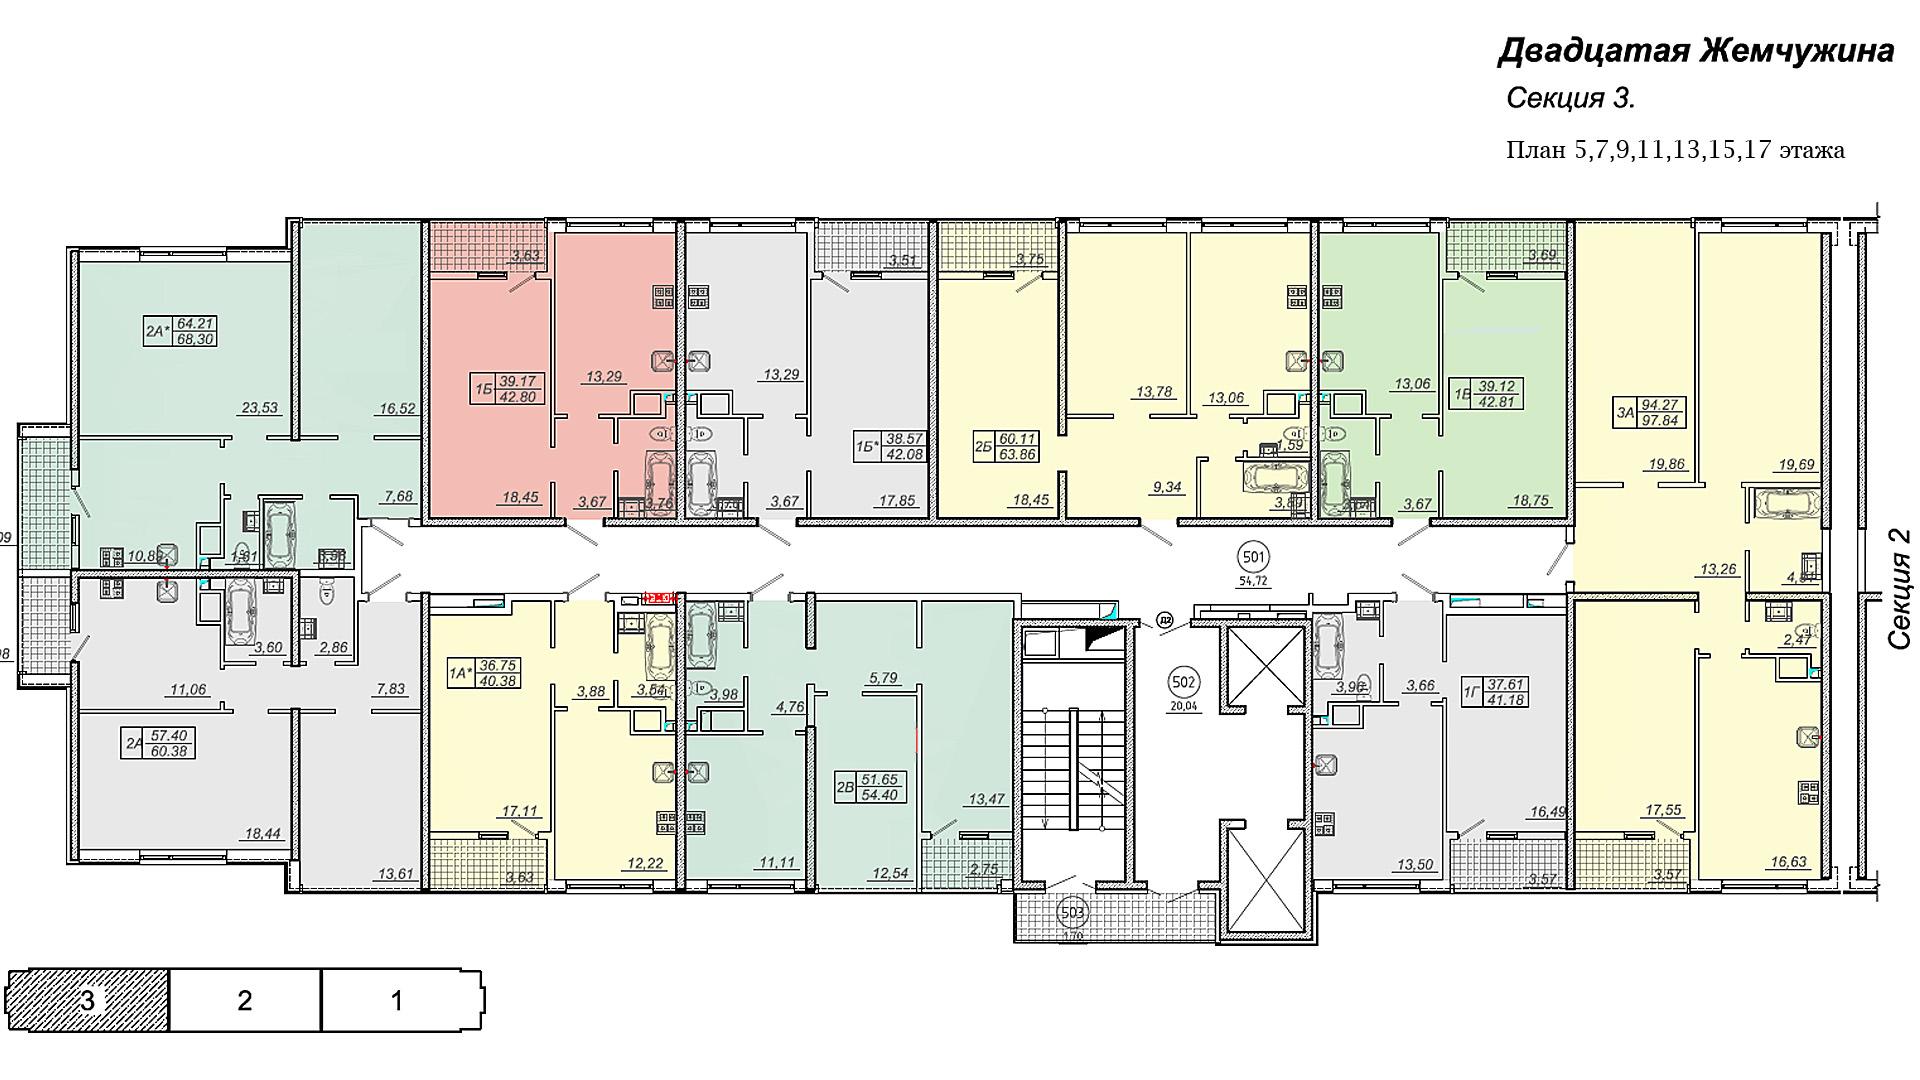 Кадорр, 20 Жемчужина, Планировка секция 3, этаж 5,7,9,11,13,15,17